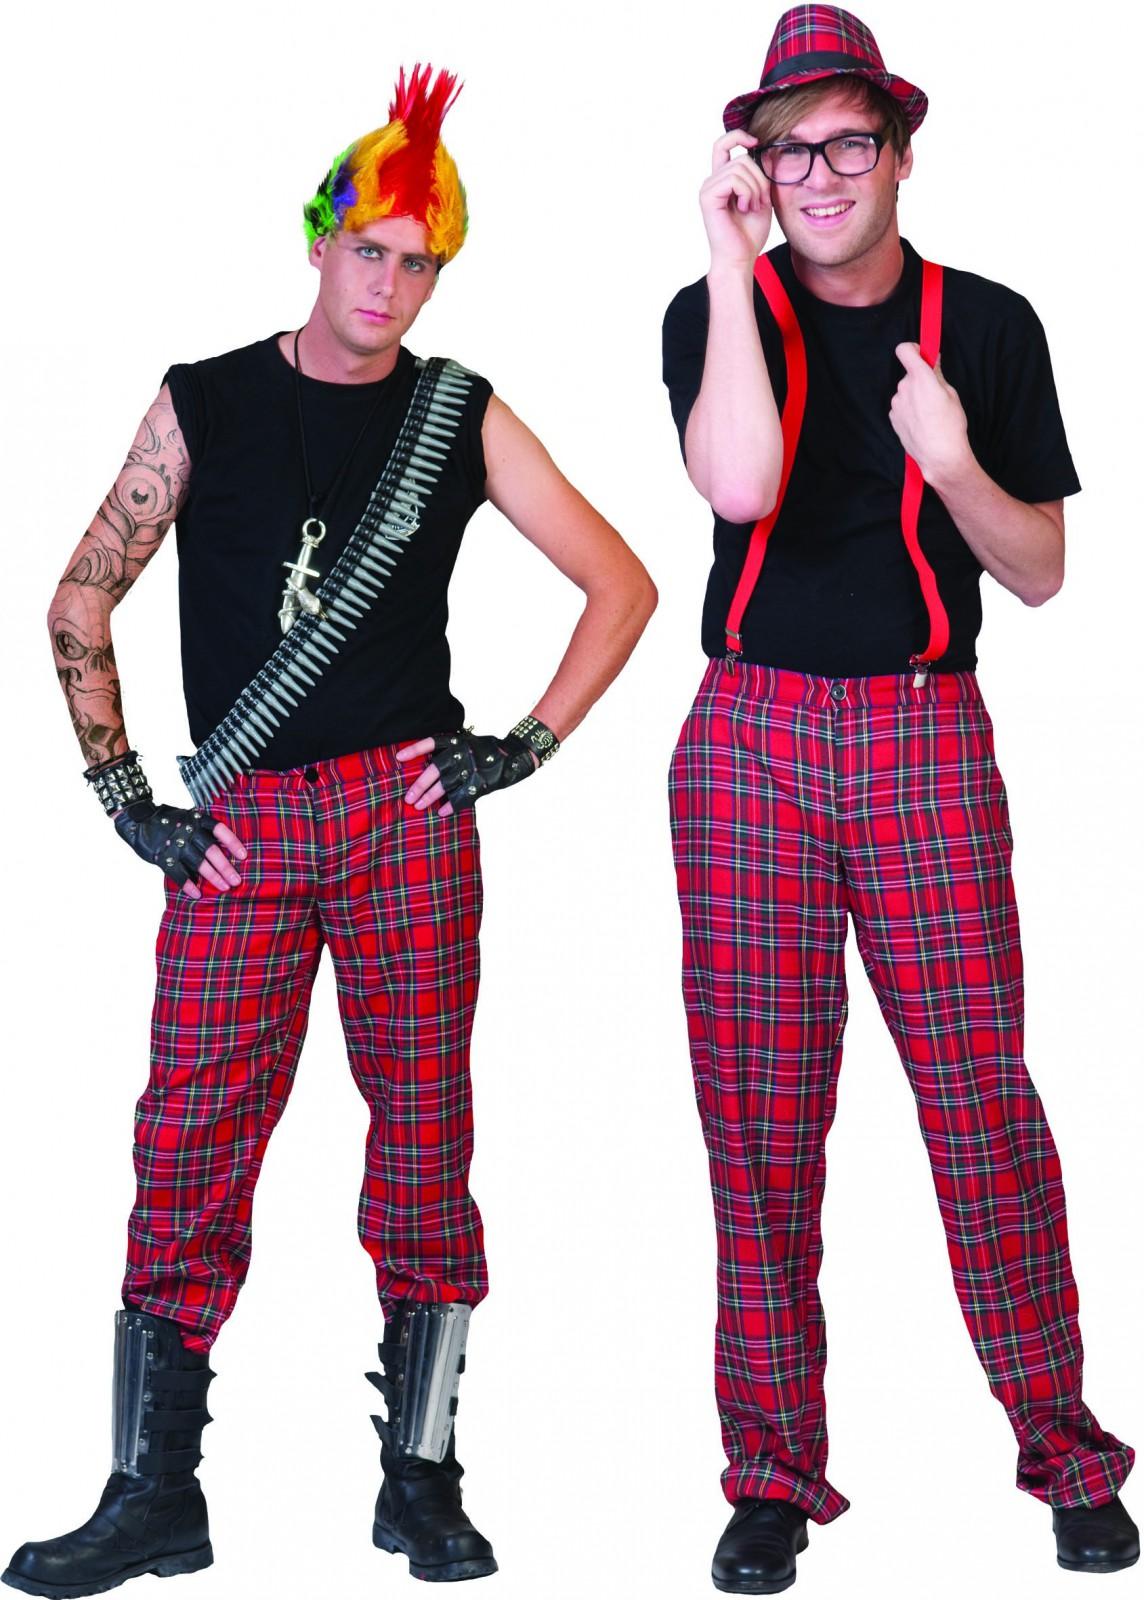 kost m karo hose schottenhose karierte hose punker nerd karneval fasching kost me co 20 80er. Black Bedroom Furniture Sets. Home Design Ideas